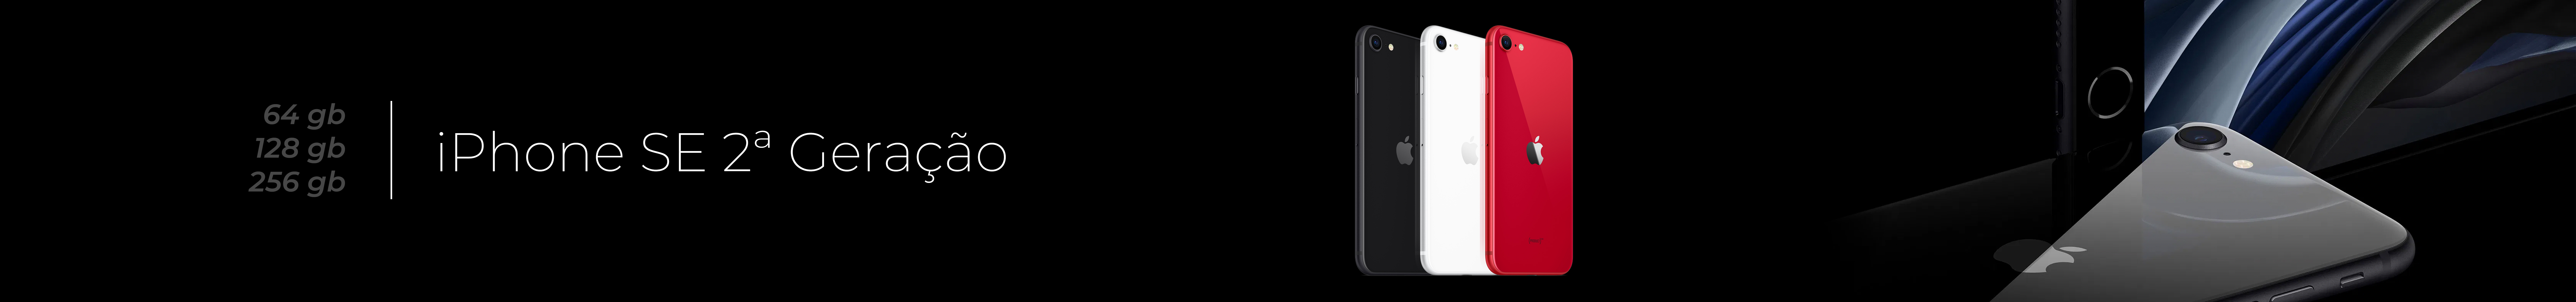 iPhone SE 2ª Geração Open Box Mobile